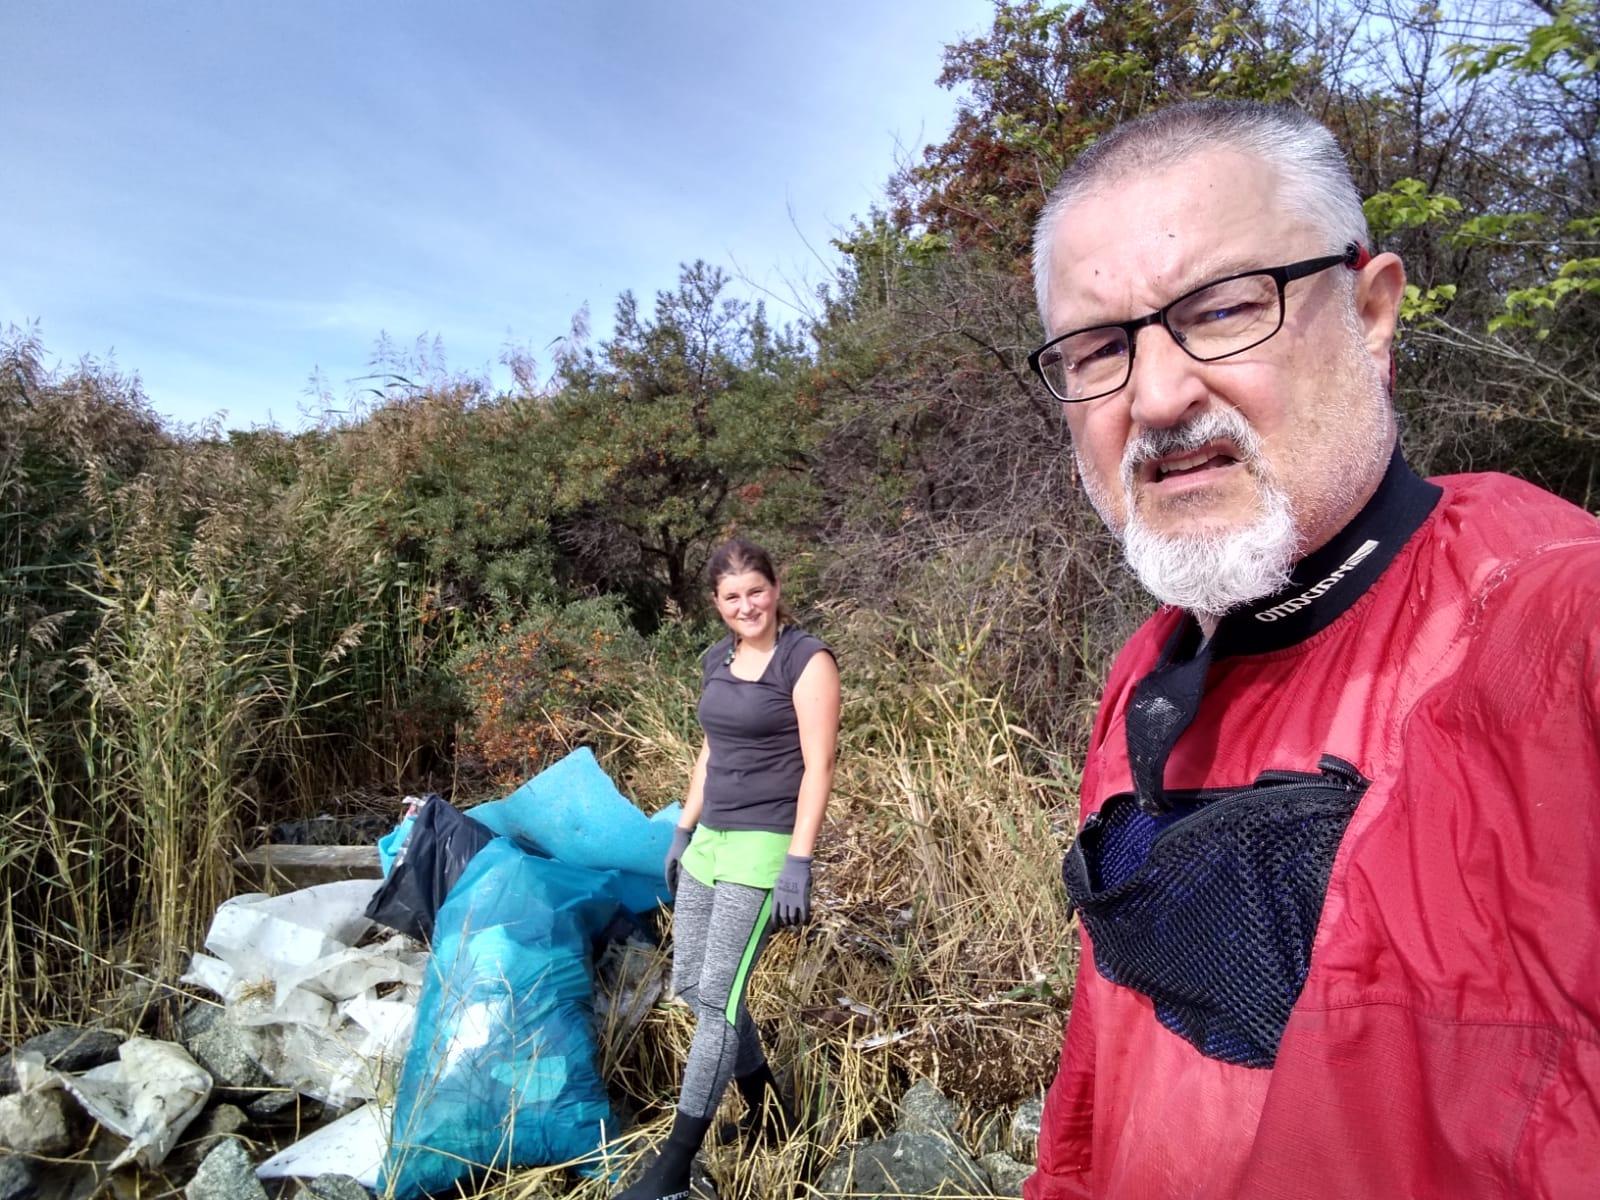 Hier kommen schnell große Müllmengen zusammen...hauptsächlich Industriemüll. Bild: O. Schätzchen